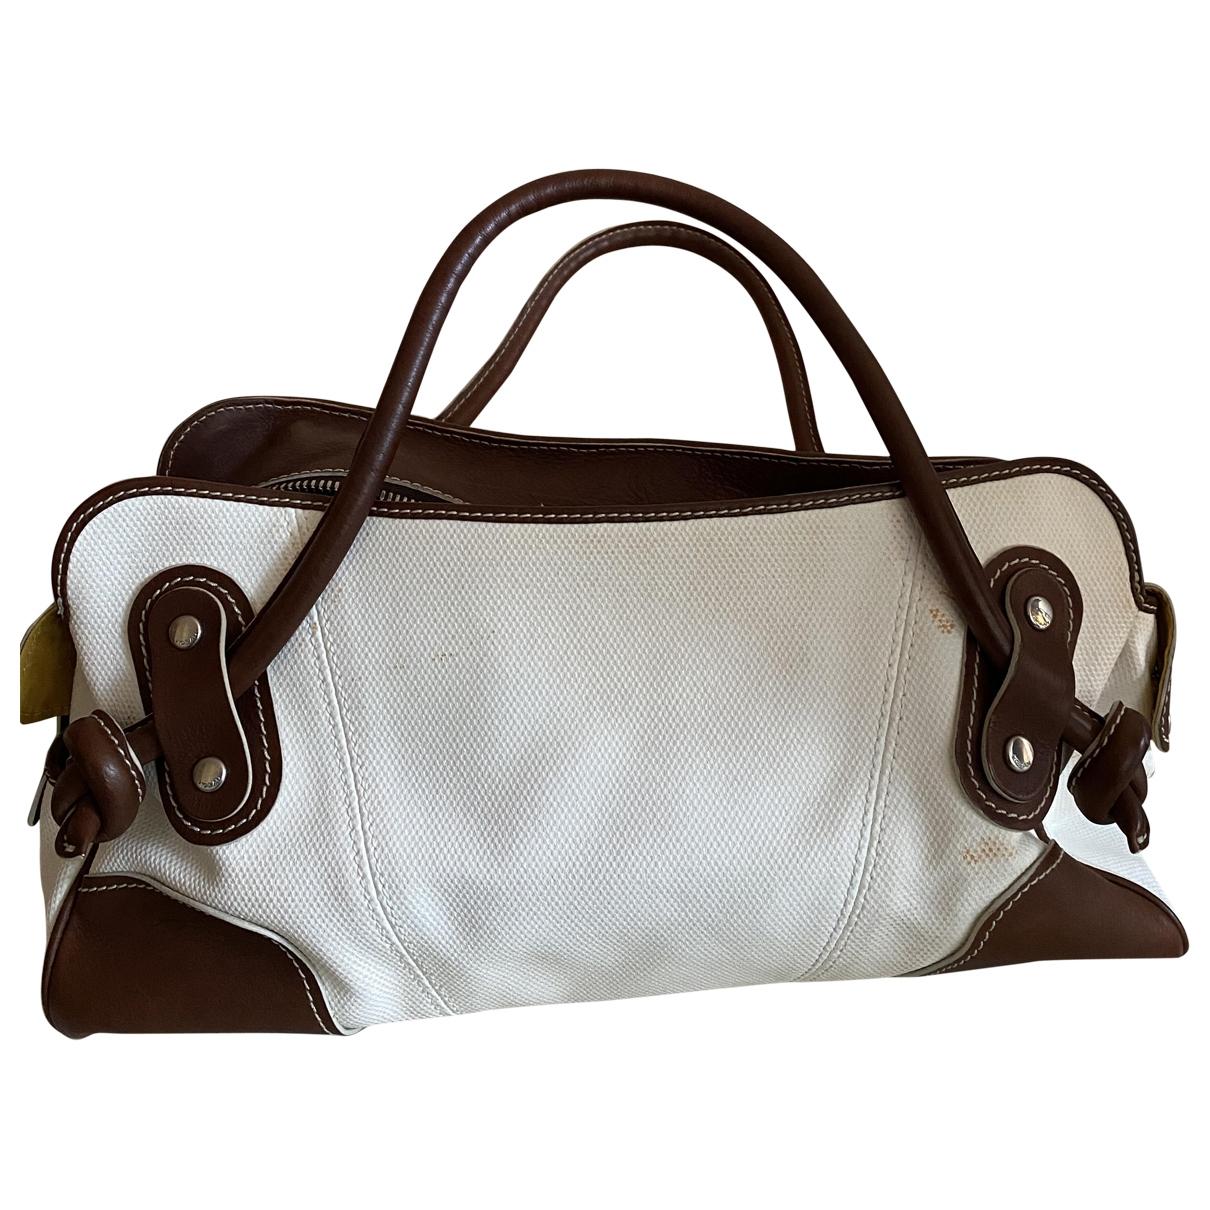 Hogan \N Handtasche in  Weiss Leinen